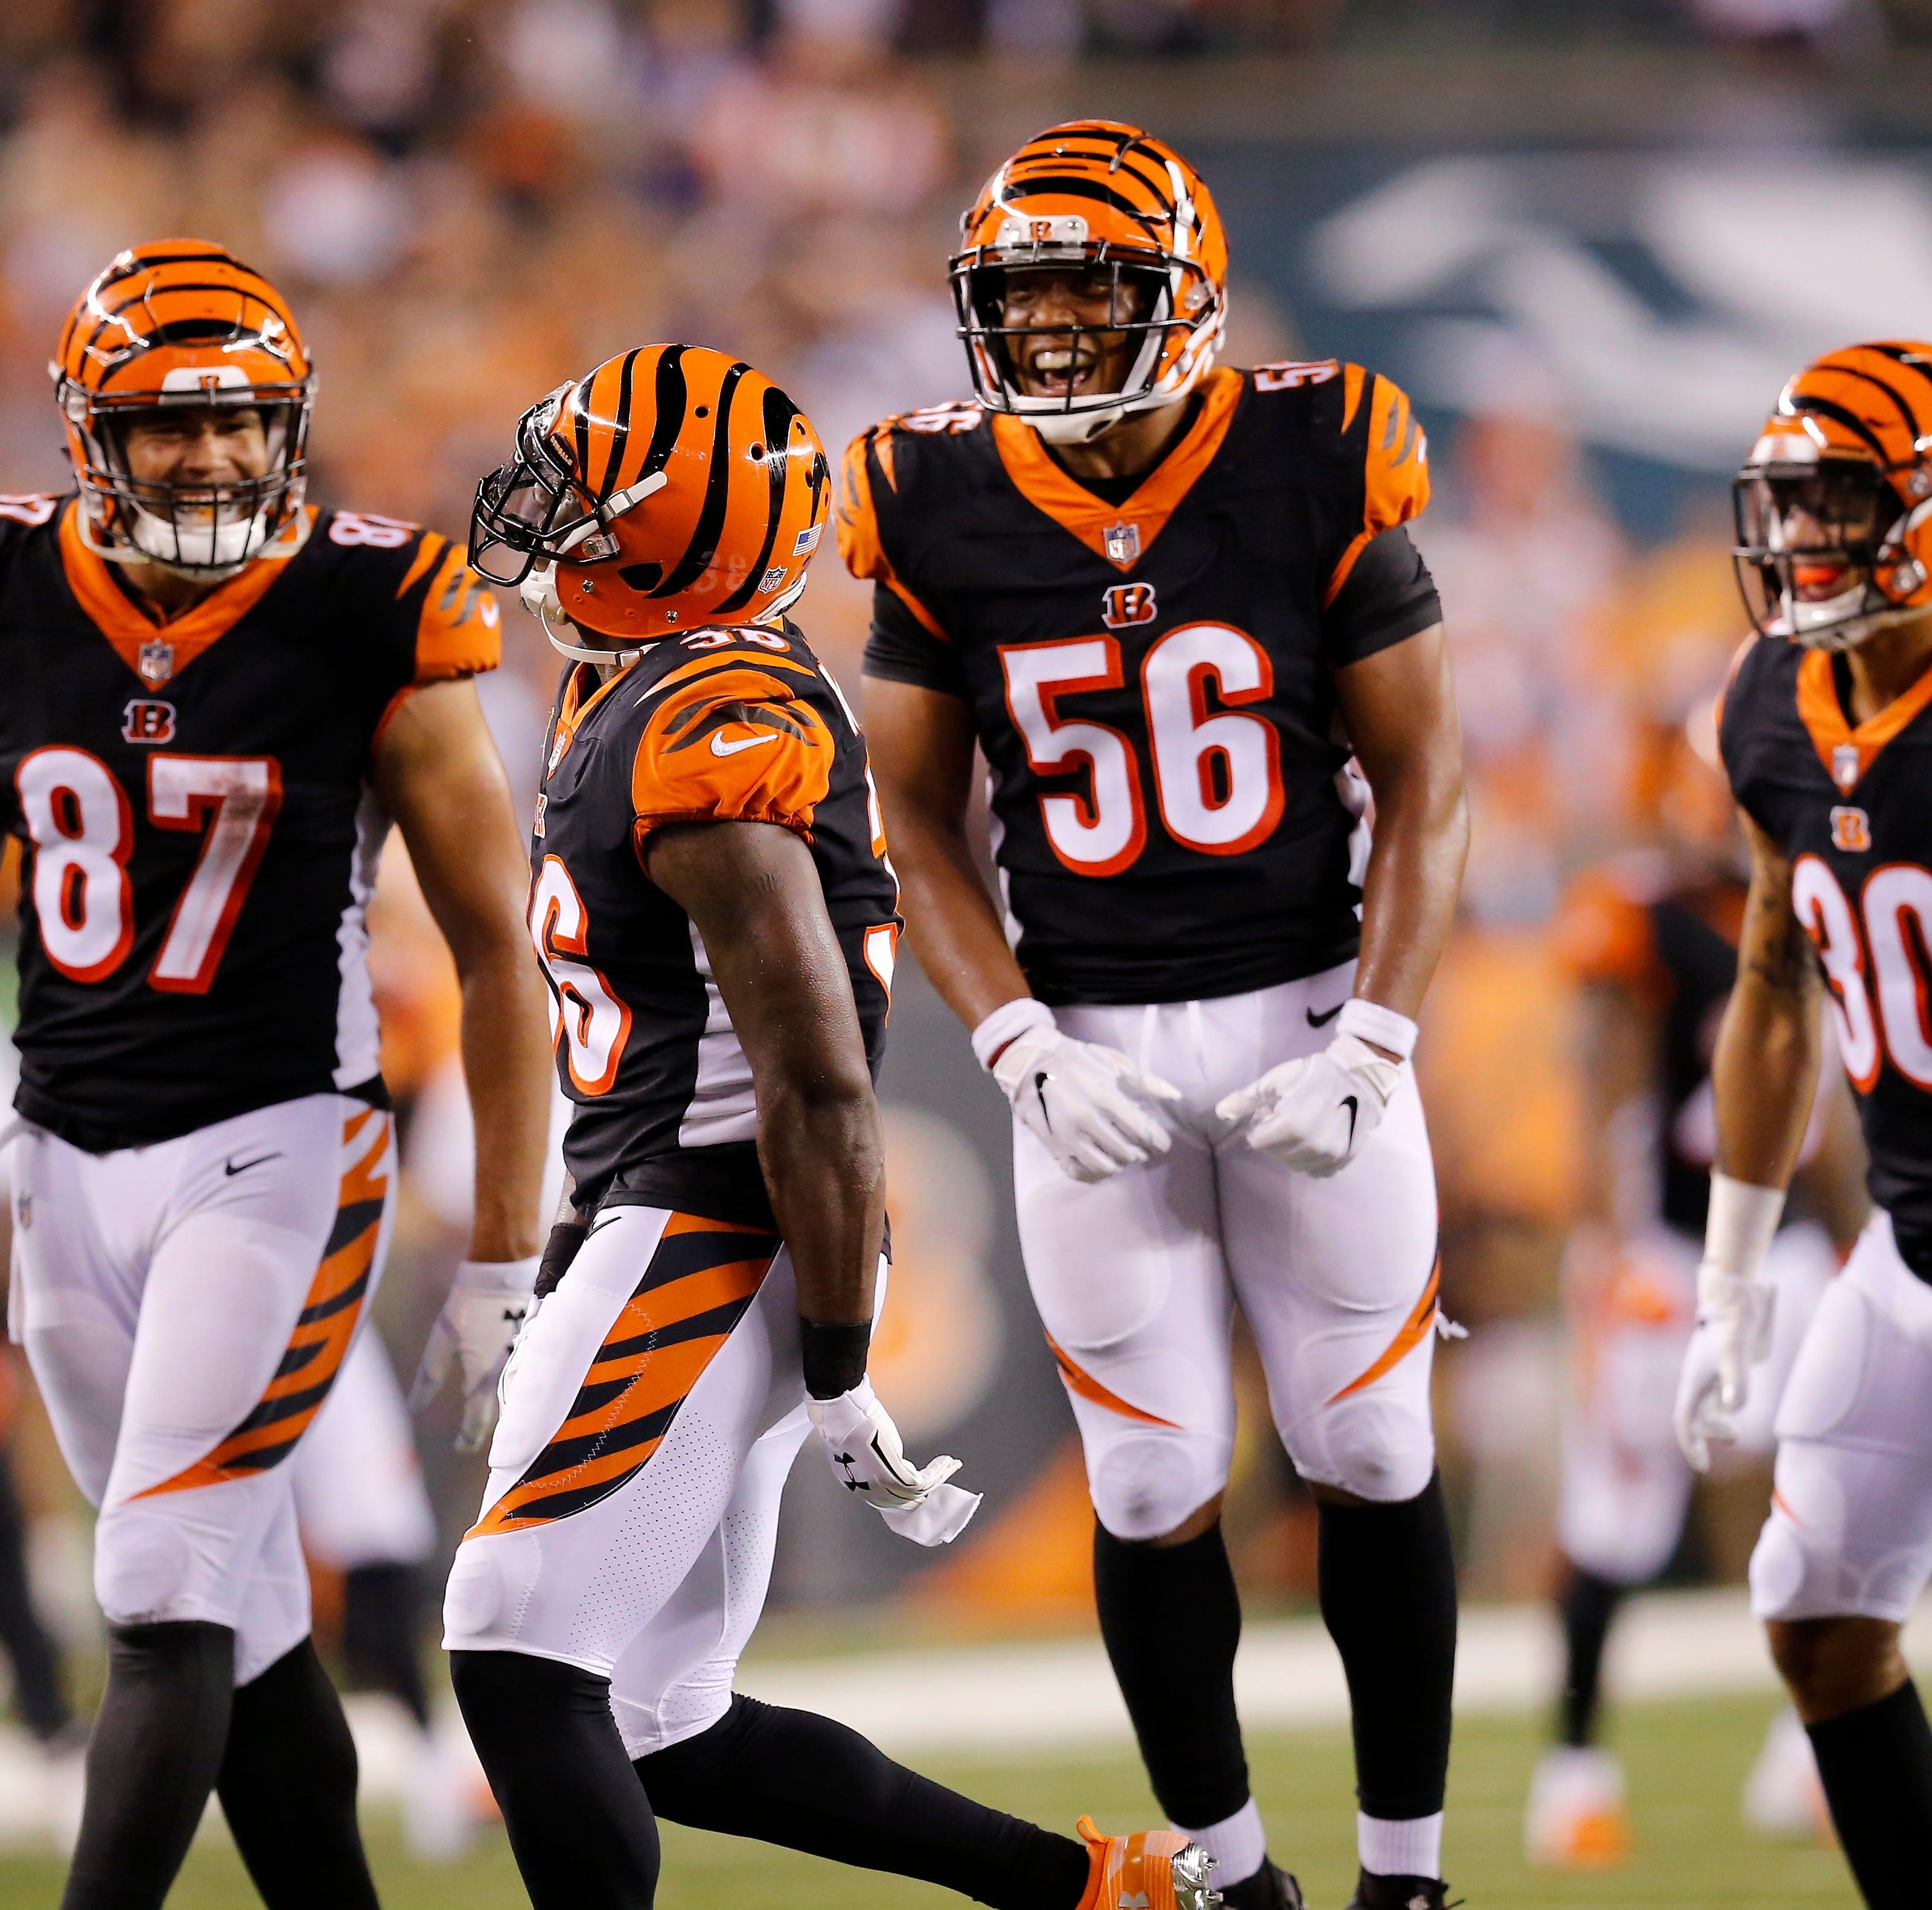 The Cincinnati Bengals defense celebrates after a...